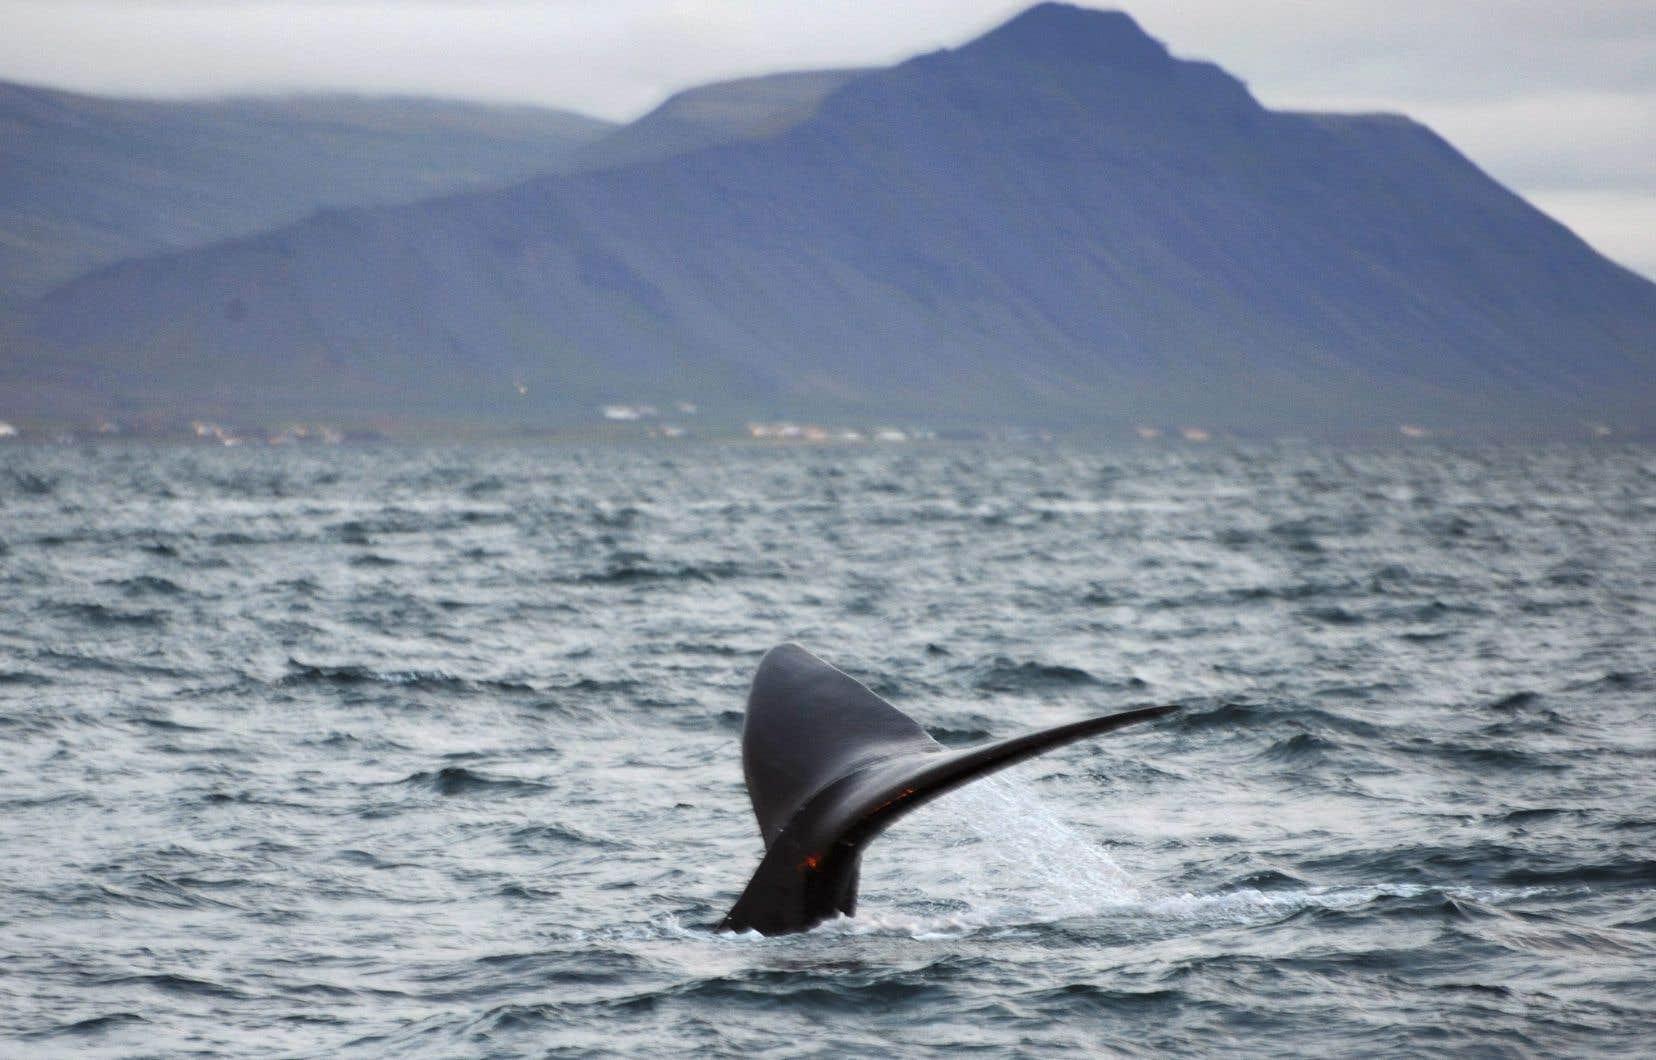 Une baleine noire surnommée Mogul plonge au large de la côte nord-ouest de Reykjavik, en Islande